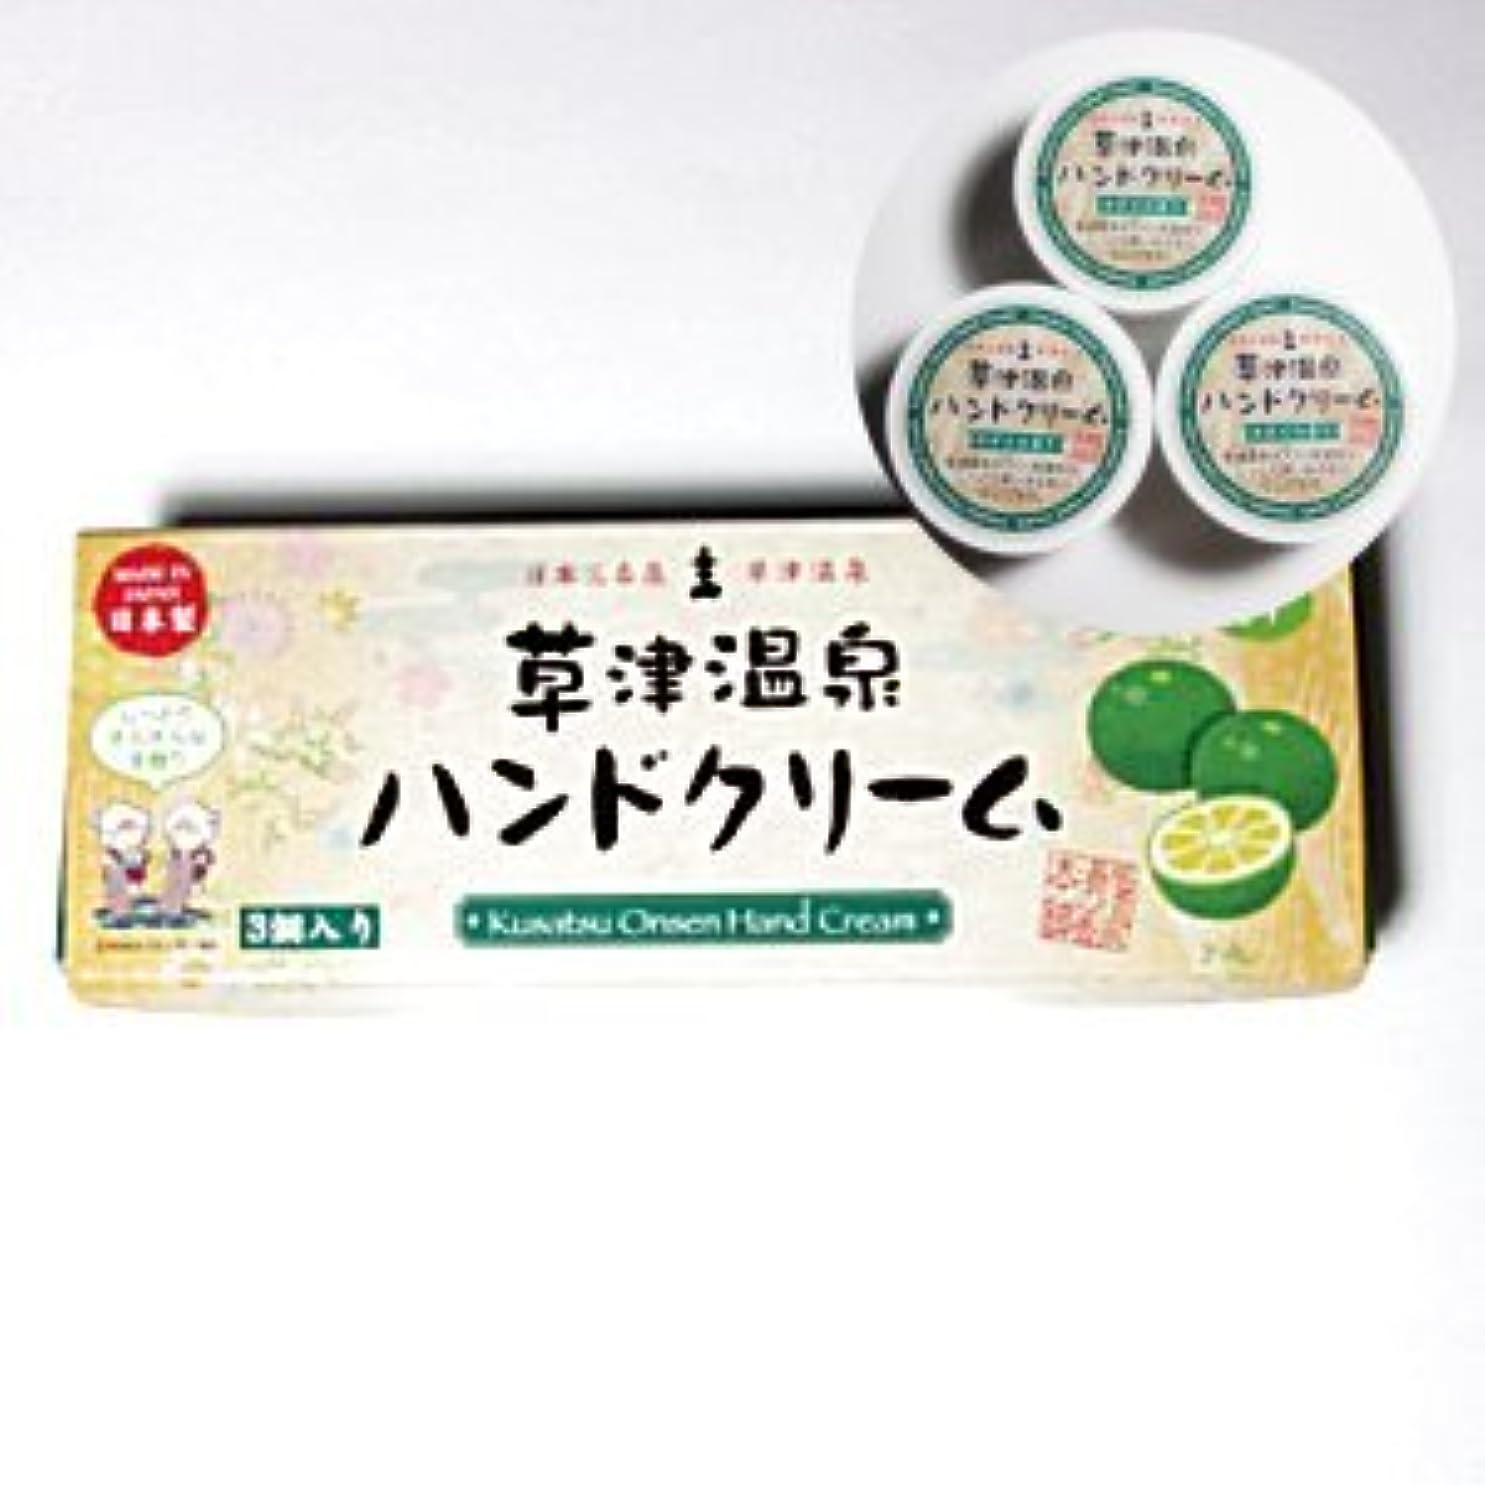 話す表面的な舗装する草津温泉ハンドクリーム カボスの香り 15gx3